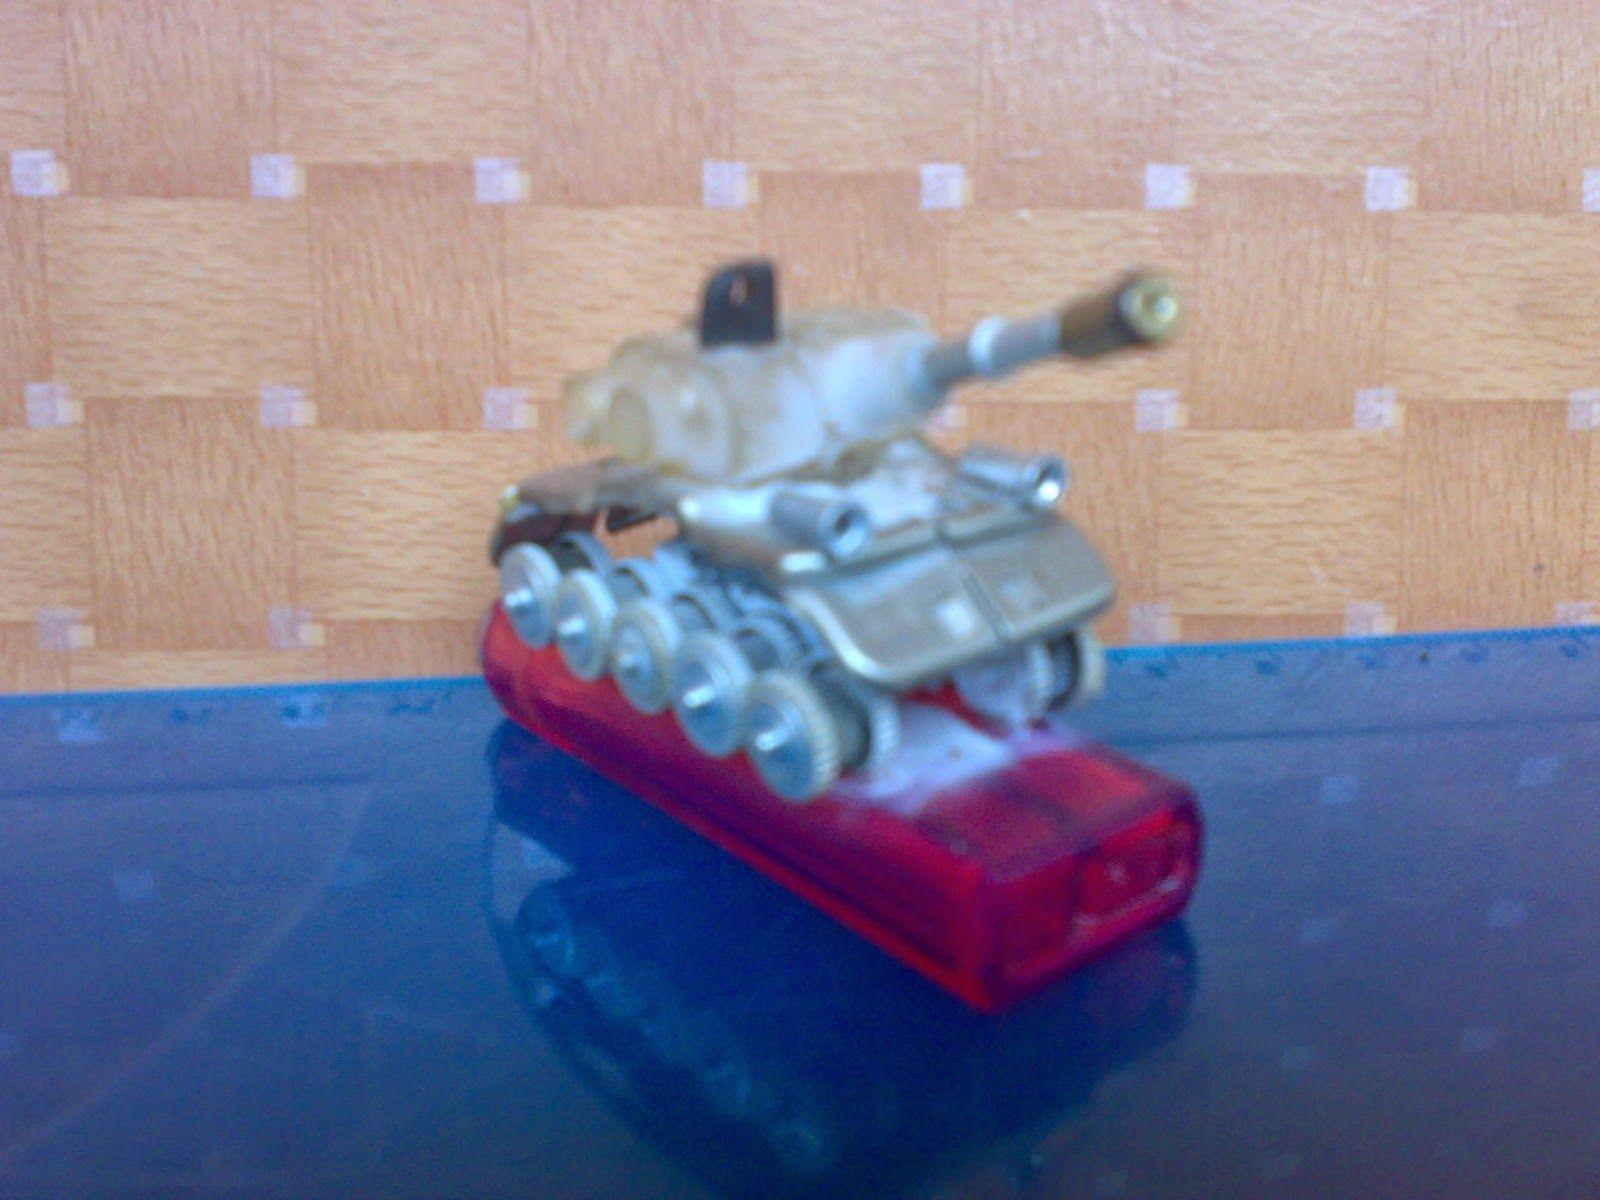 Aneka Miniatur Dari Barang Bekas Miniatur, Kreatif